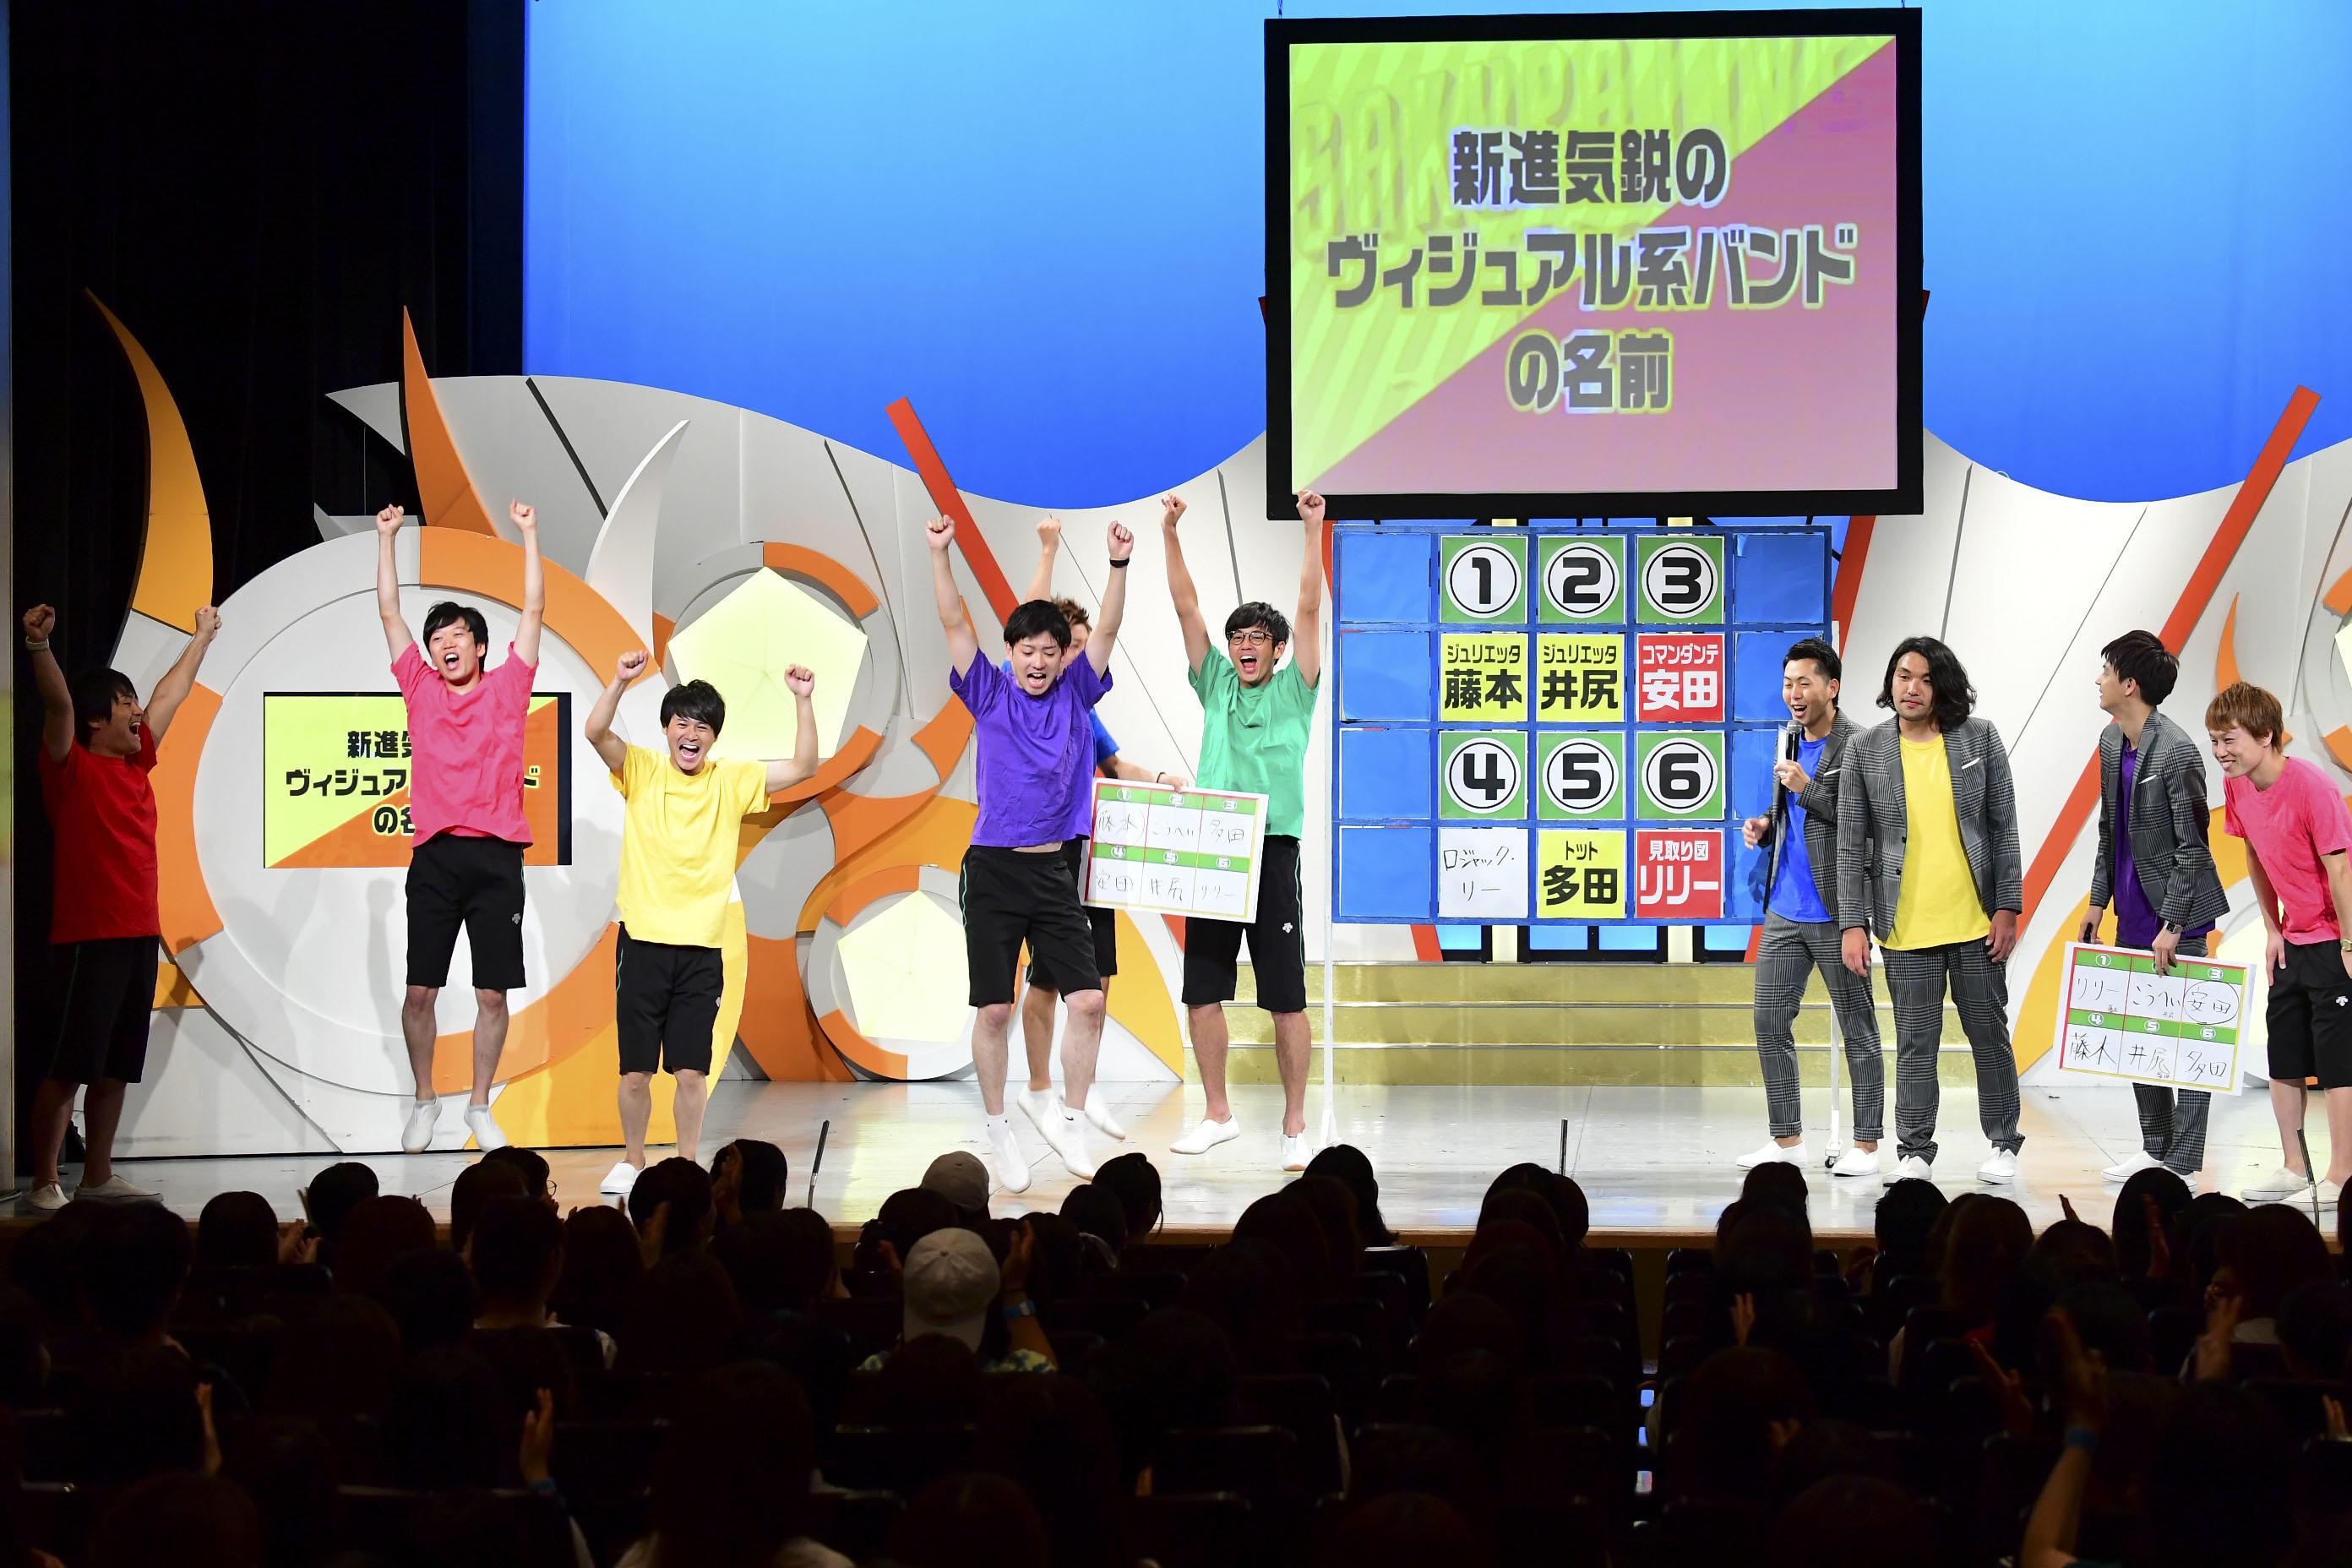 http://news.yoshimoto.co.jp/20170829144608-e1756e75e1157fdc9a14e28748a33c57f0da8974.jpg